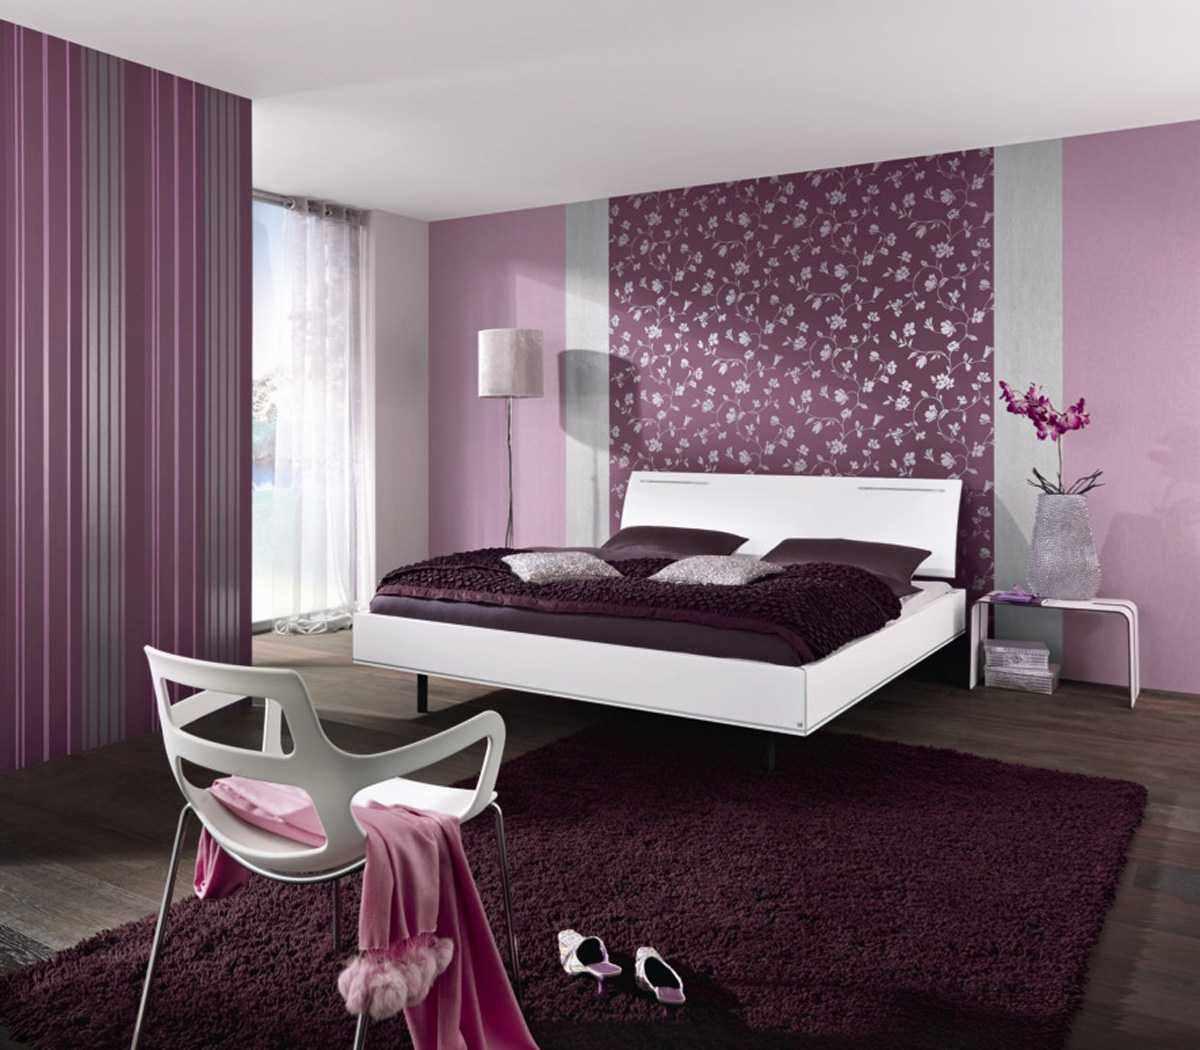 Сиреневые обои в спальне дизайн фото